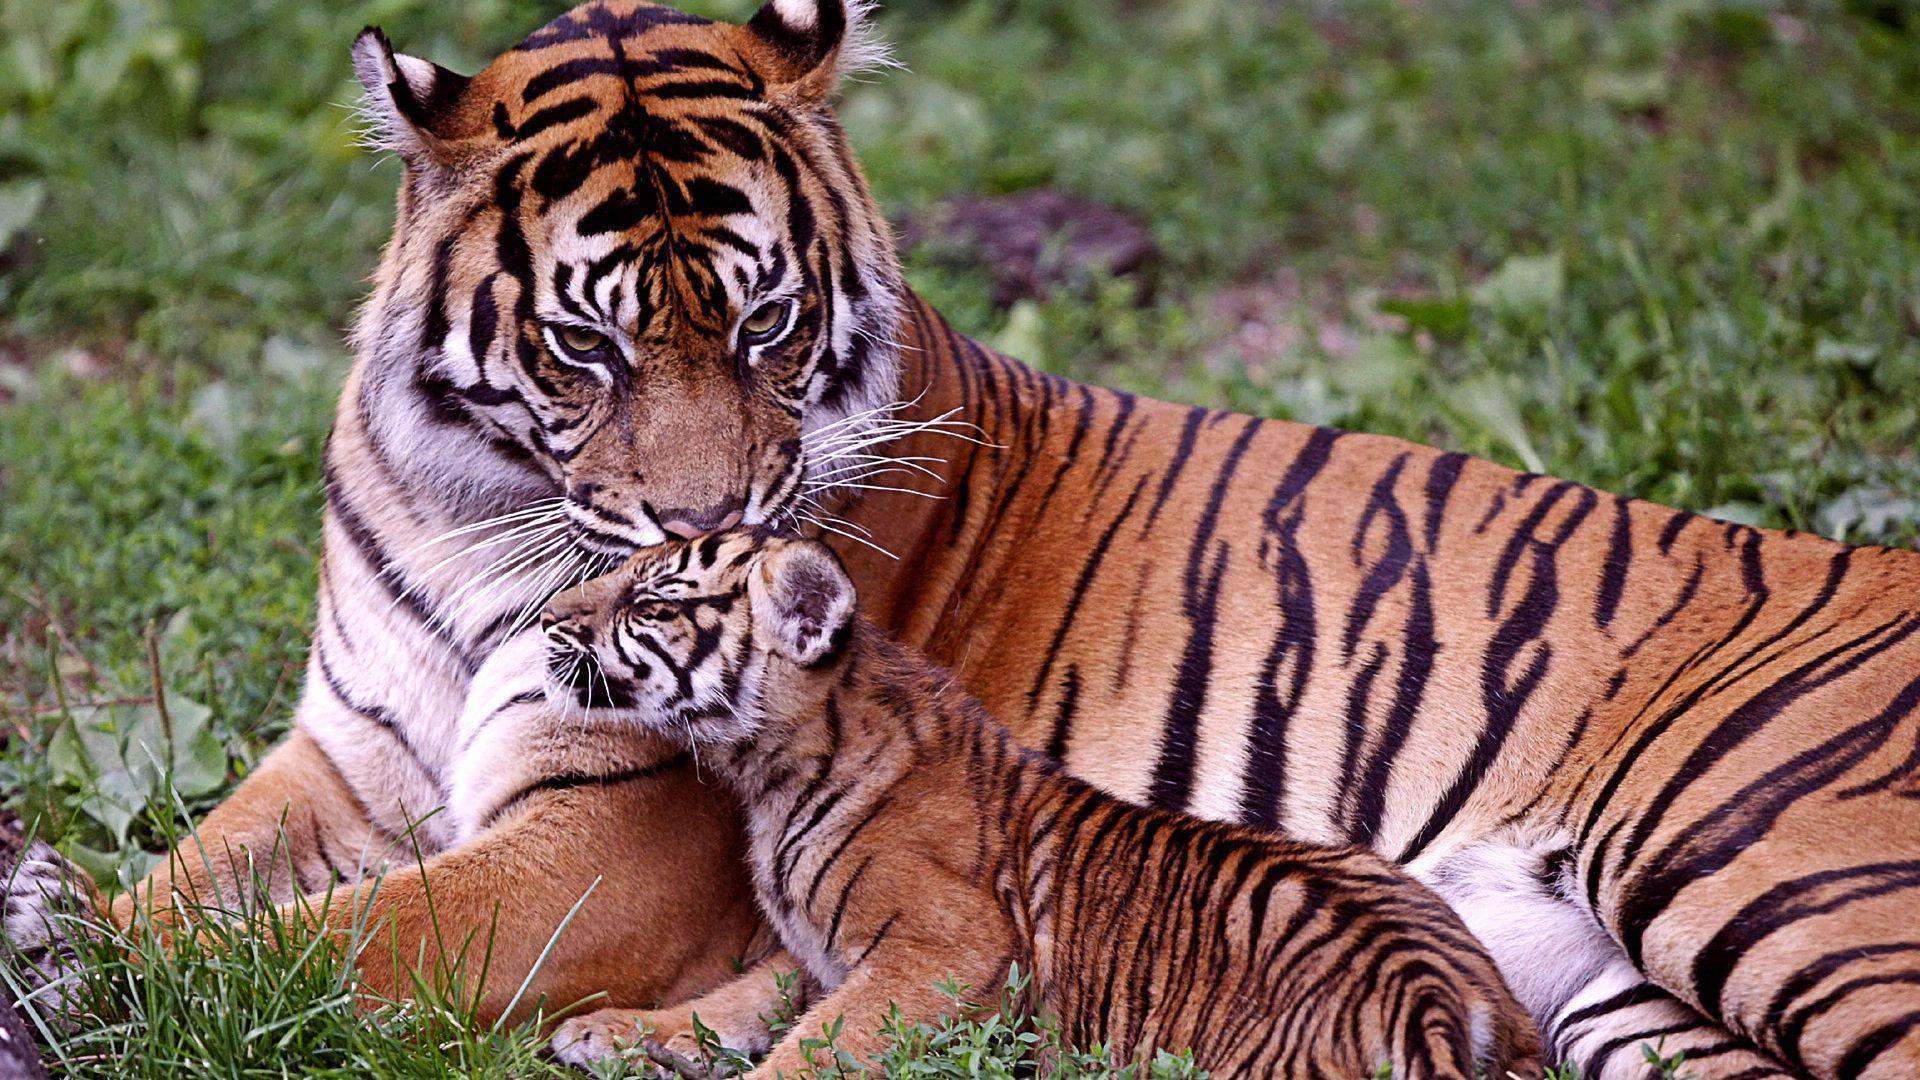 Bengal Tiger Bengal Tiger 1920x1080 Wallpapers,Tiger